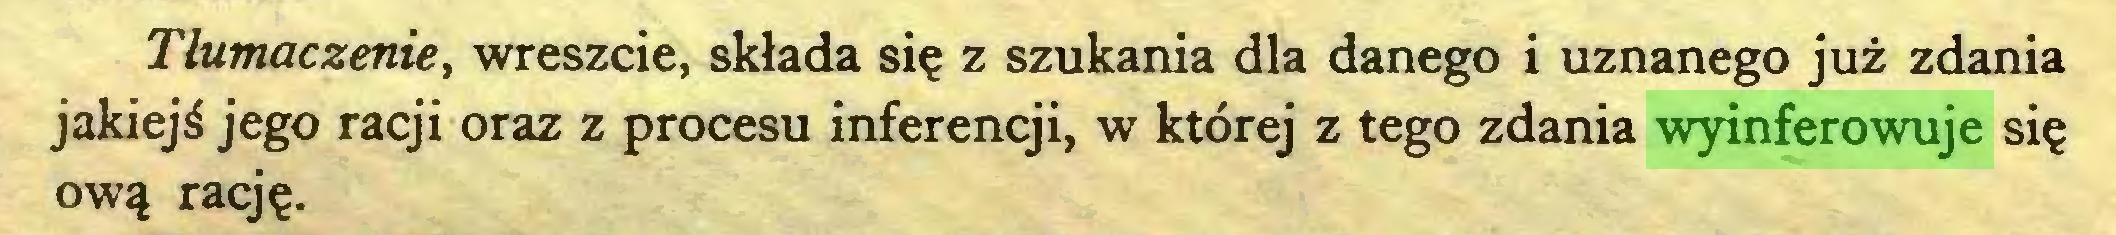 (...) Tłumaczenie, wreszcie, składa się z szukania dla danego i uznanego już zdania jakiejś jego racji oraz z procesu inferencji, w której z tego zdania wyinferowuje się ową rację...